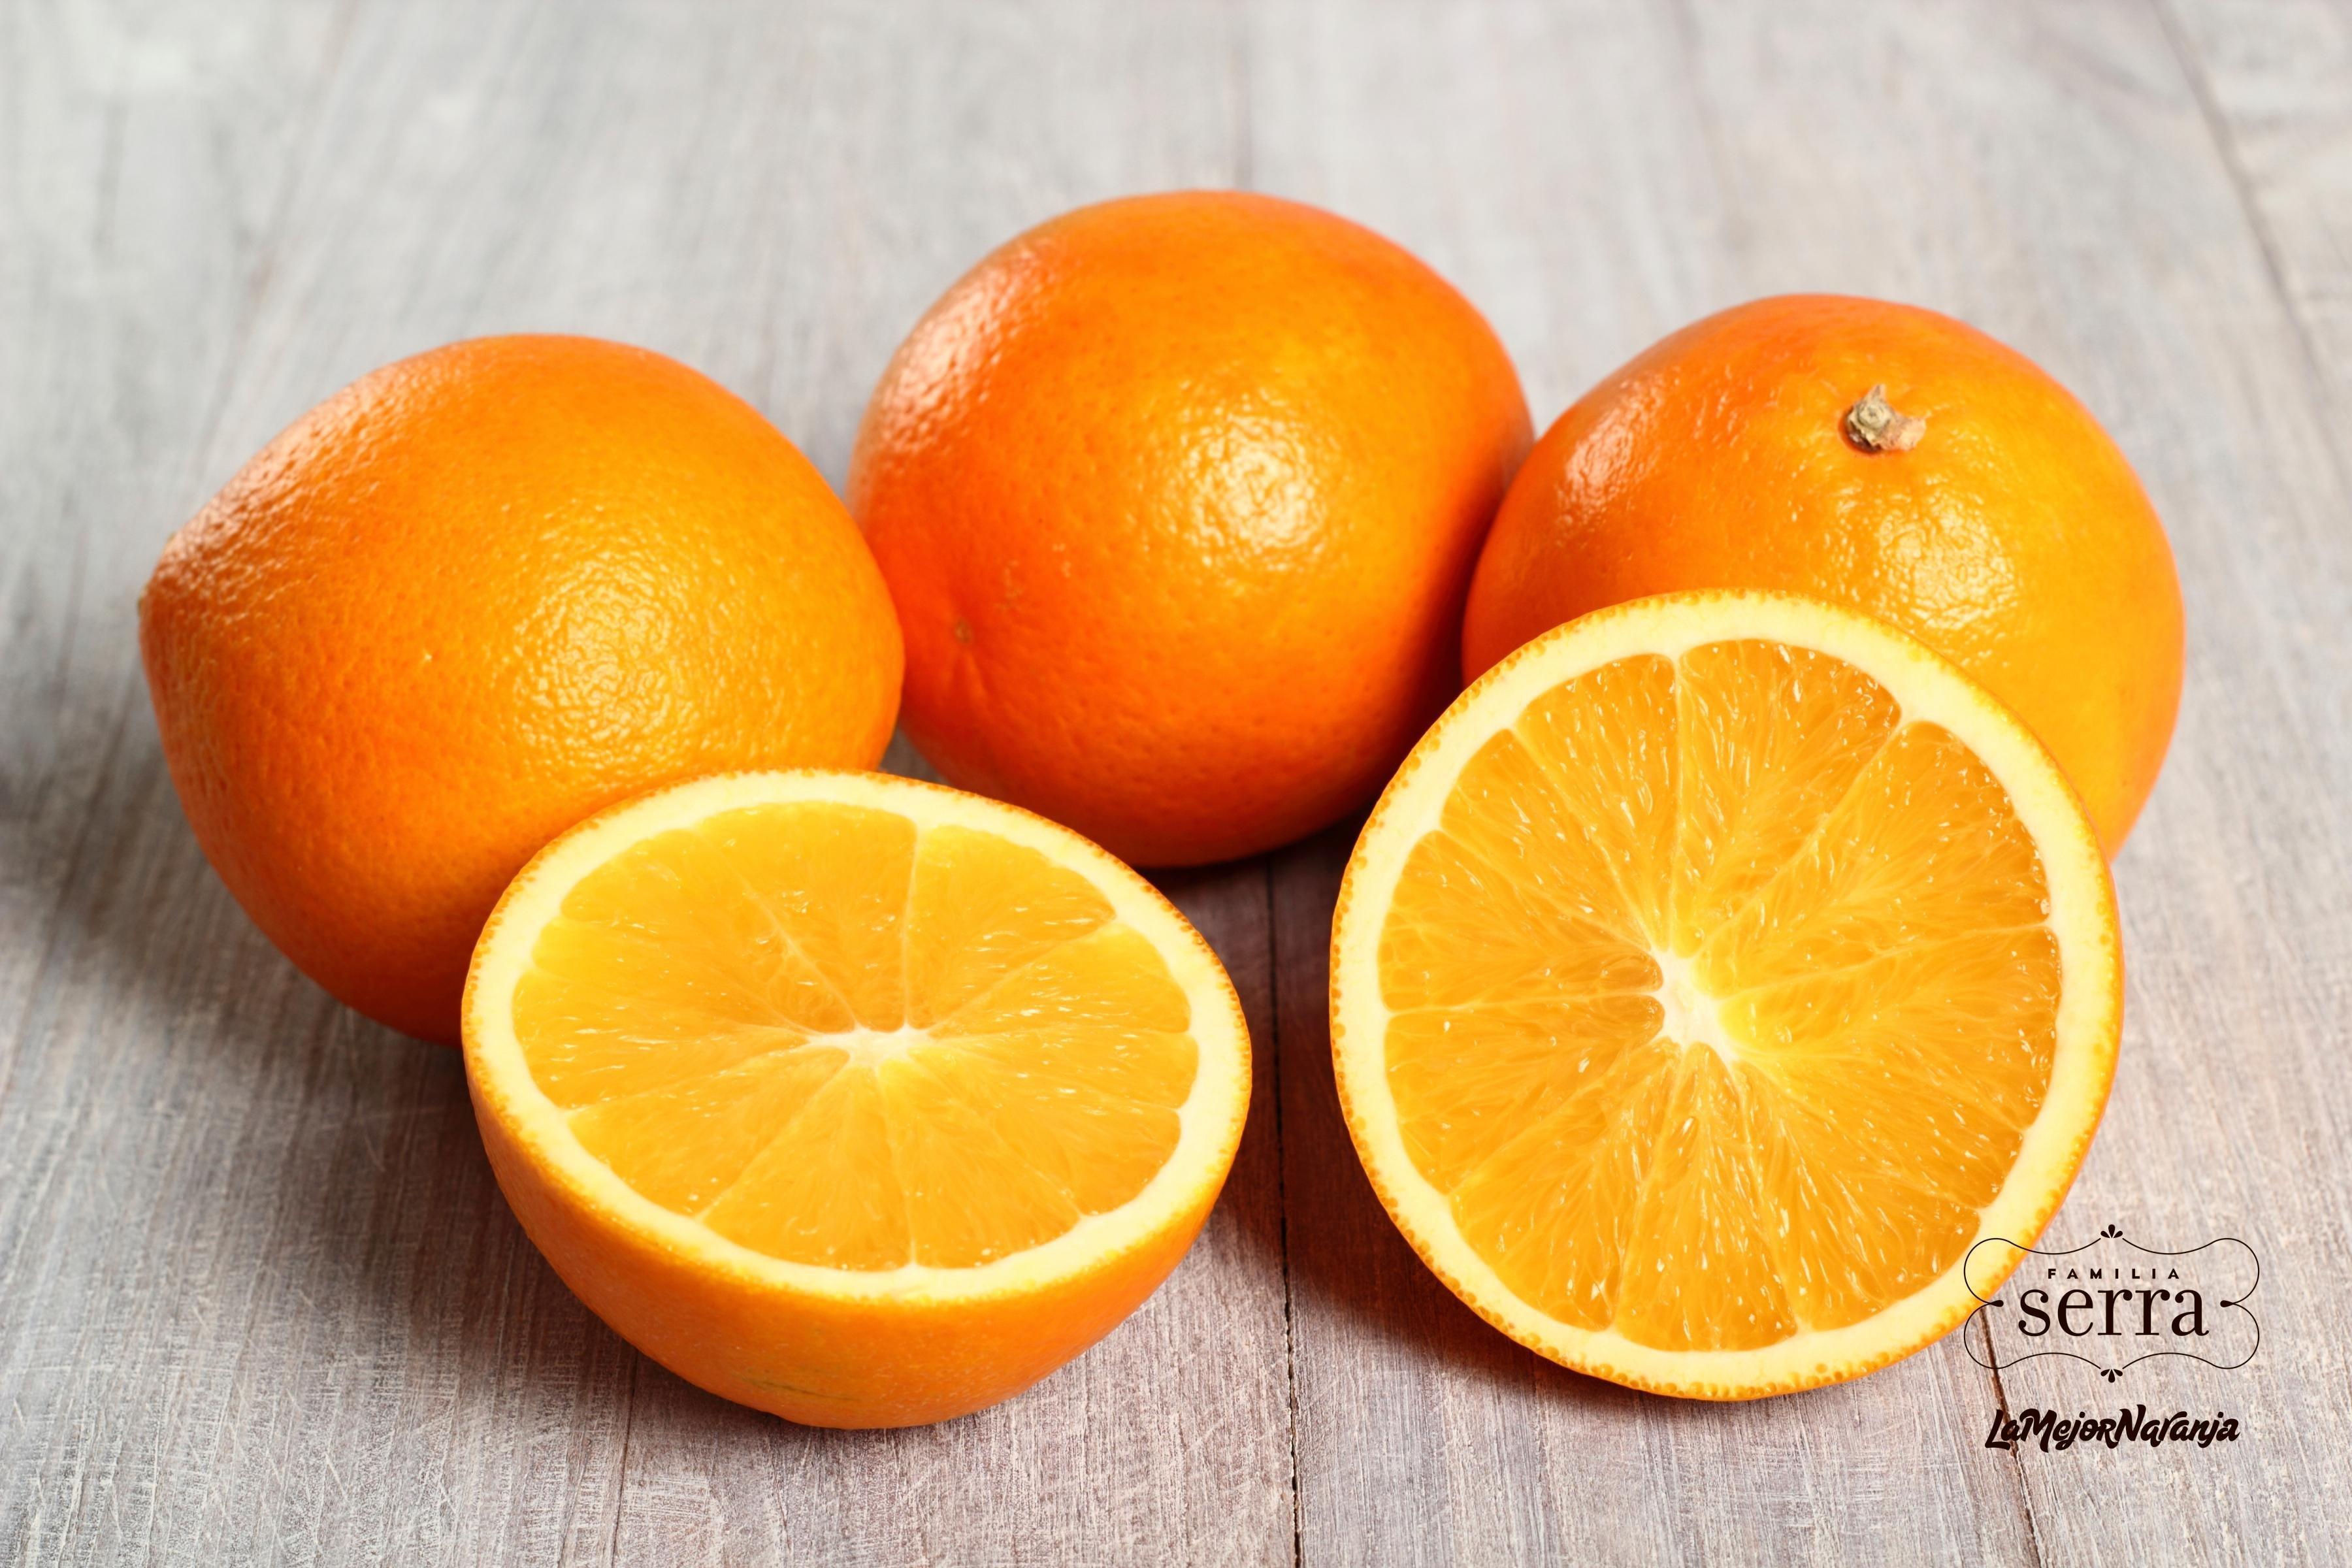 Puedes Tomar Naranjas Si Eres Diabtico?